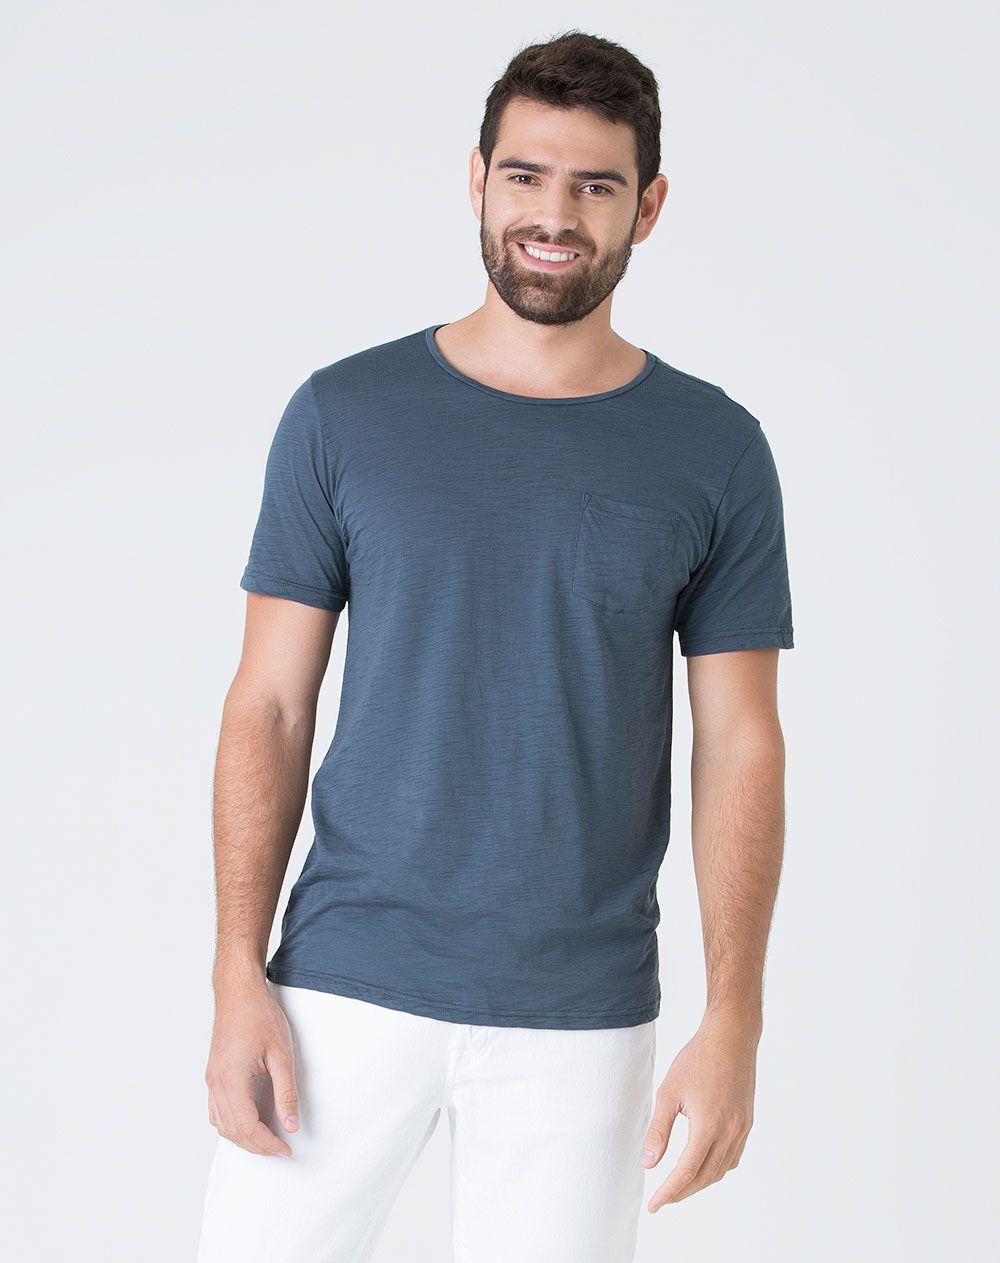 36d997ba563cd Imagen para Camisa para Hombre Dix Gris S de Gef